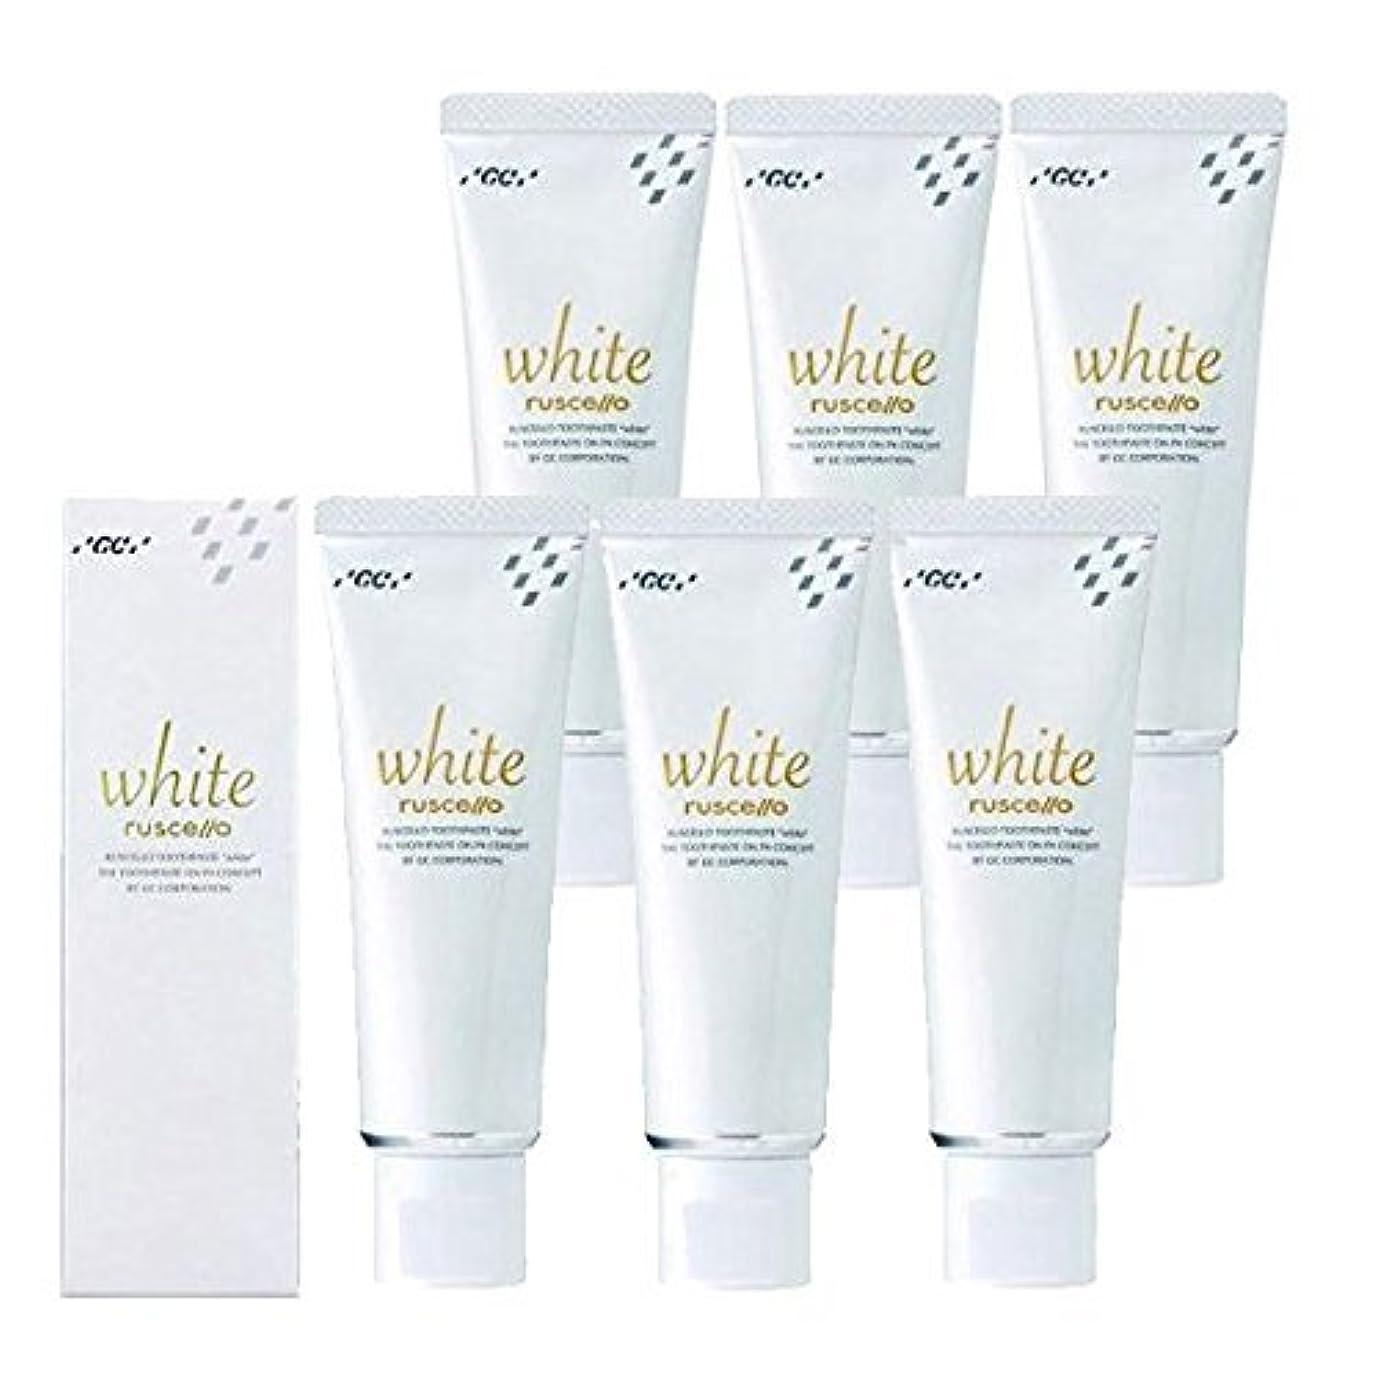 監督する白い適応するルシェロ歯磨きペースト ホワイト 100g×6本 ホワイトニング 歯磨き粉 歯科専売品 ルシェロホワイト